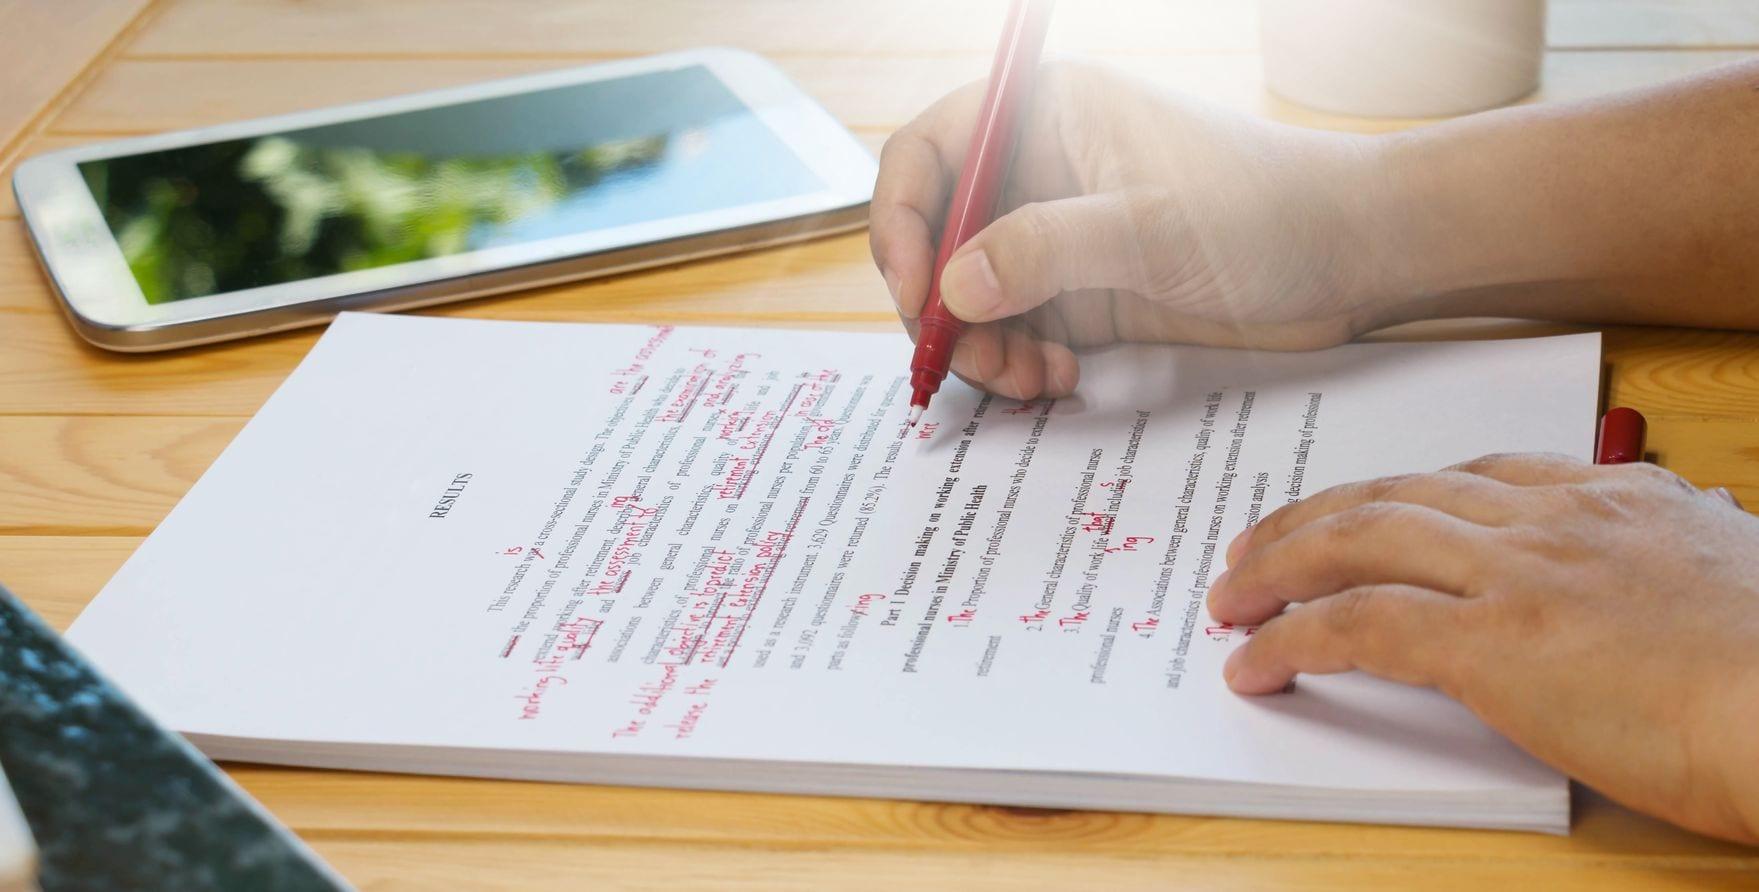 Как исправление ошибок может улучшить навыки письма